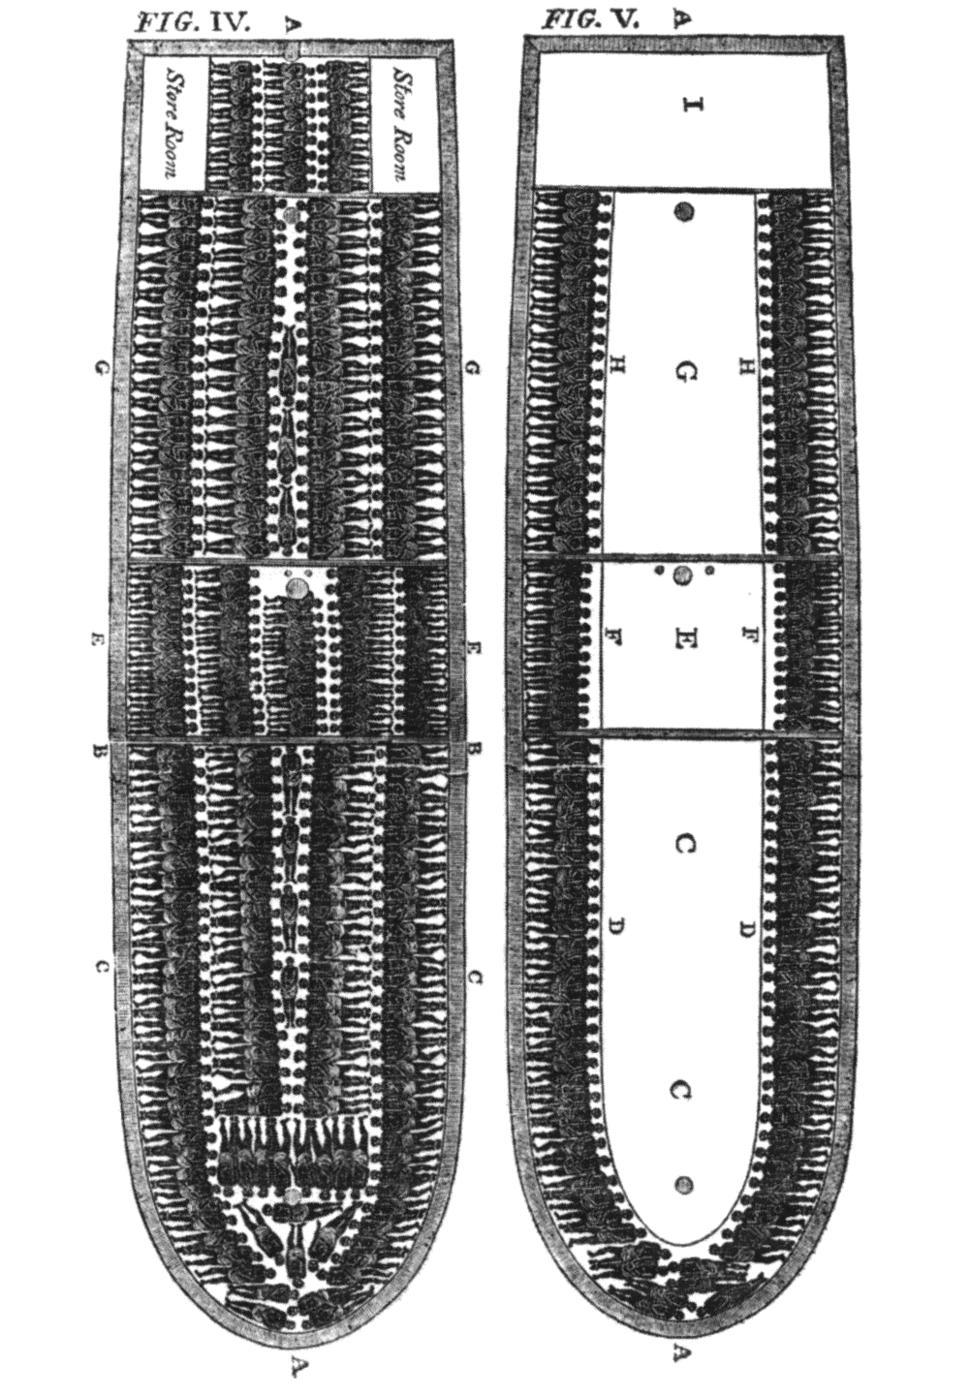 Slave ship diagram